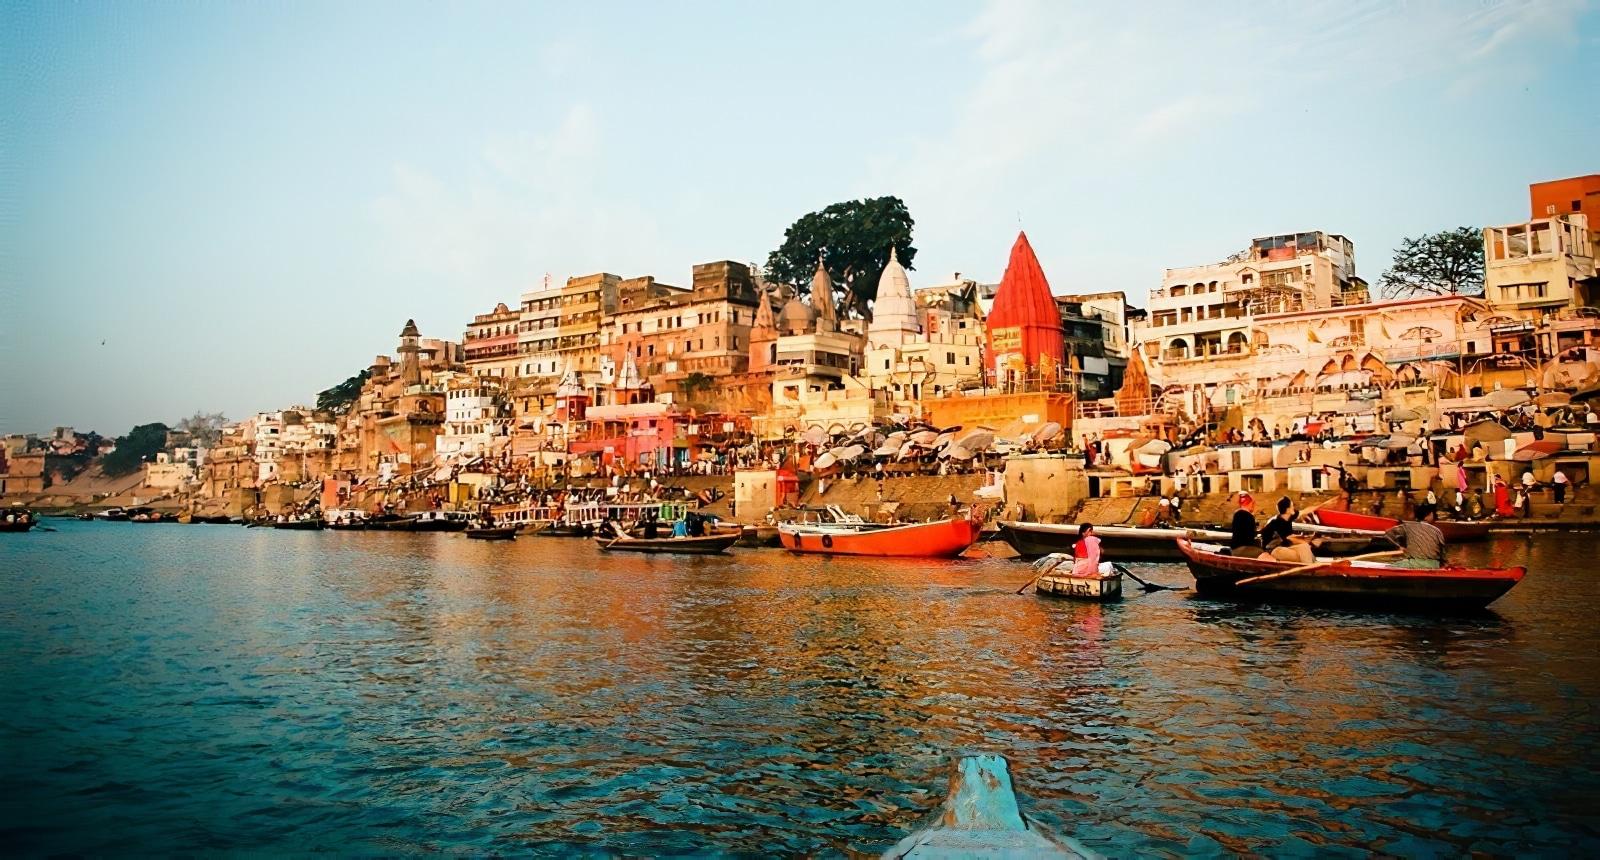 Découverte de Varanasi, l'une des plus anciennes villes d'Inde